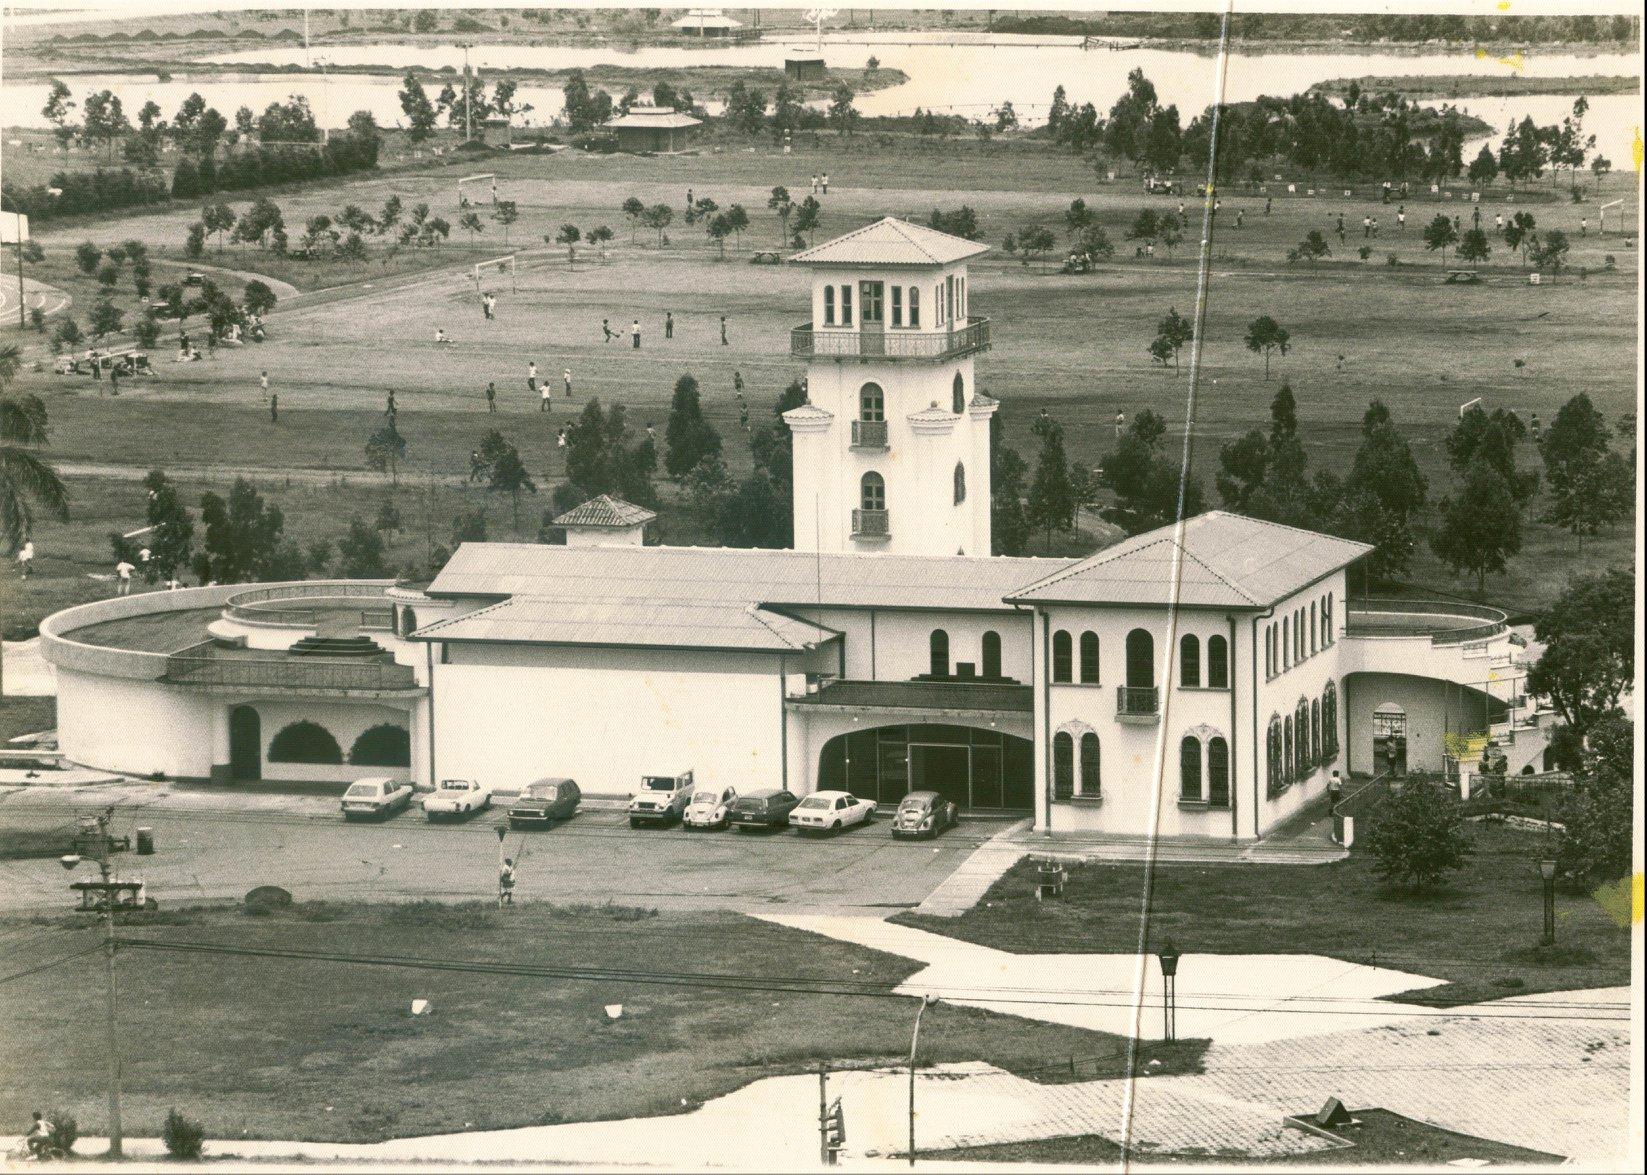 el MAC de otros tiempos. el edificio fue diseñado por el arquitecto josé maría barrantes monge en 1937 |    imagen e información tomada de la página de facebook del MAC